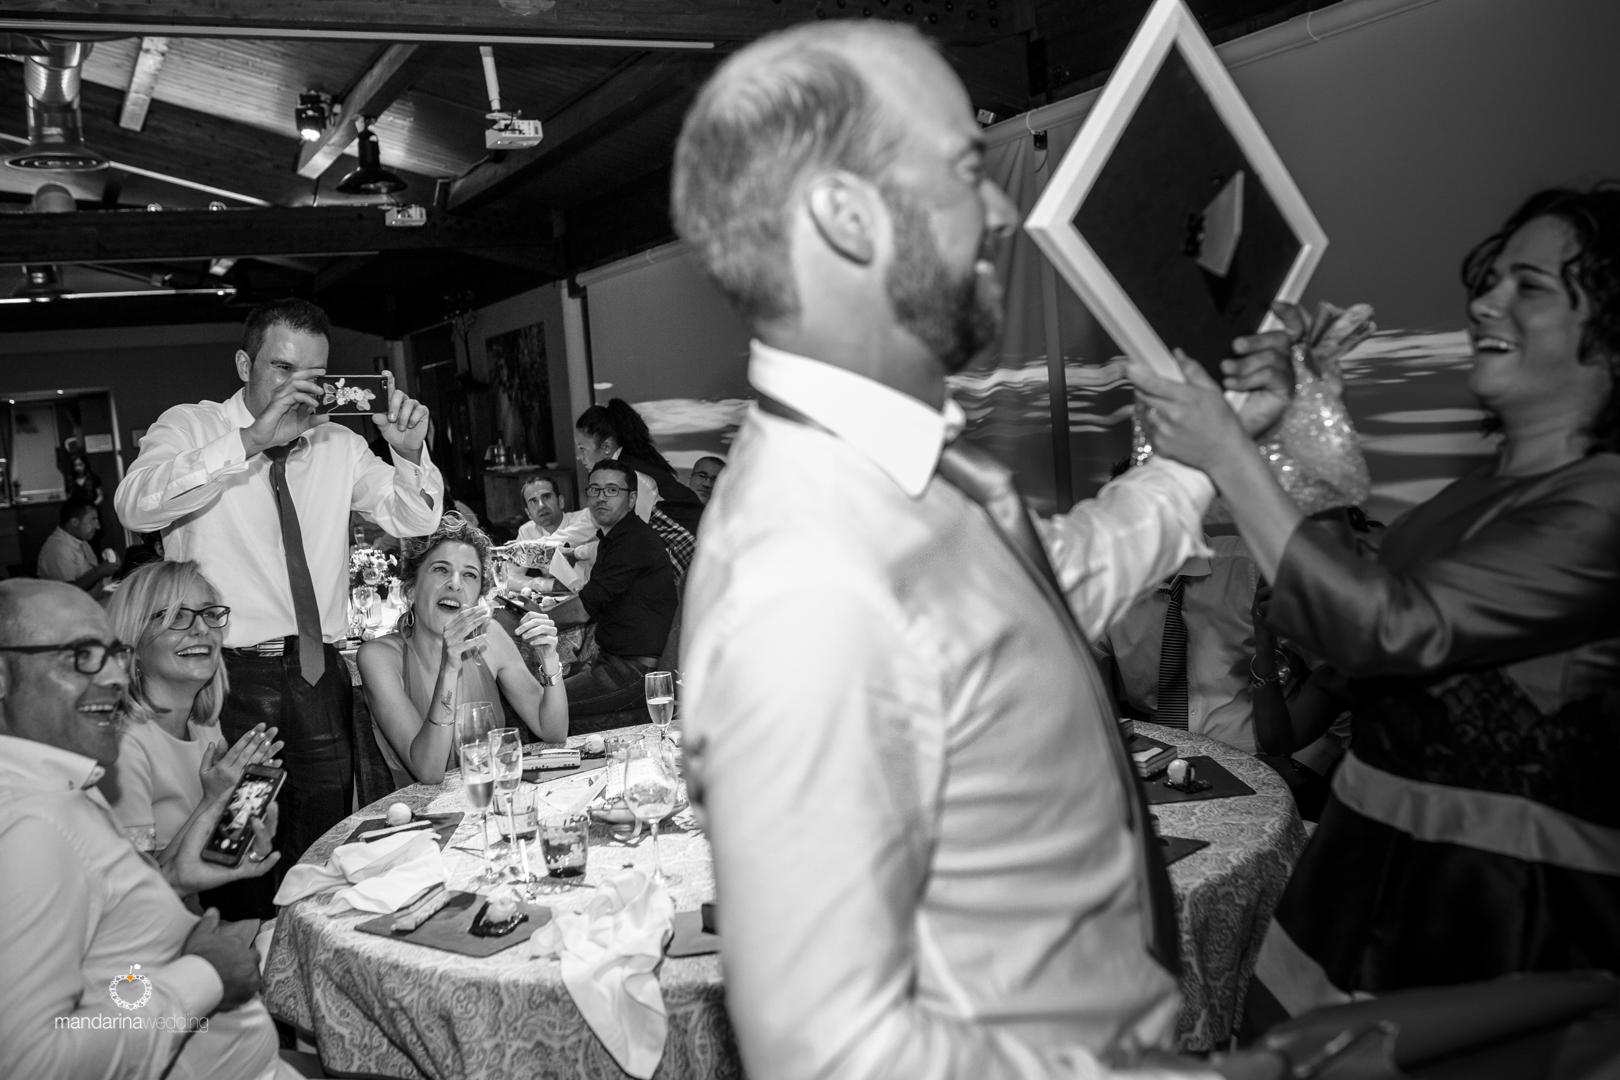 mandarina wedding, fotografos de boda, fotografos boda españa, finca viñedos rhey, bodas viñedos rhey, fotografos boda zaragoza, mejores fotógrafos de boda